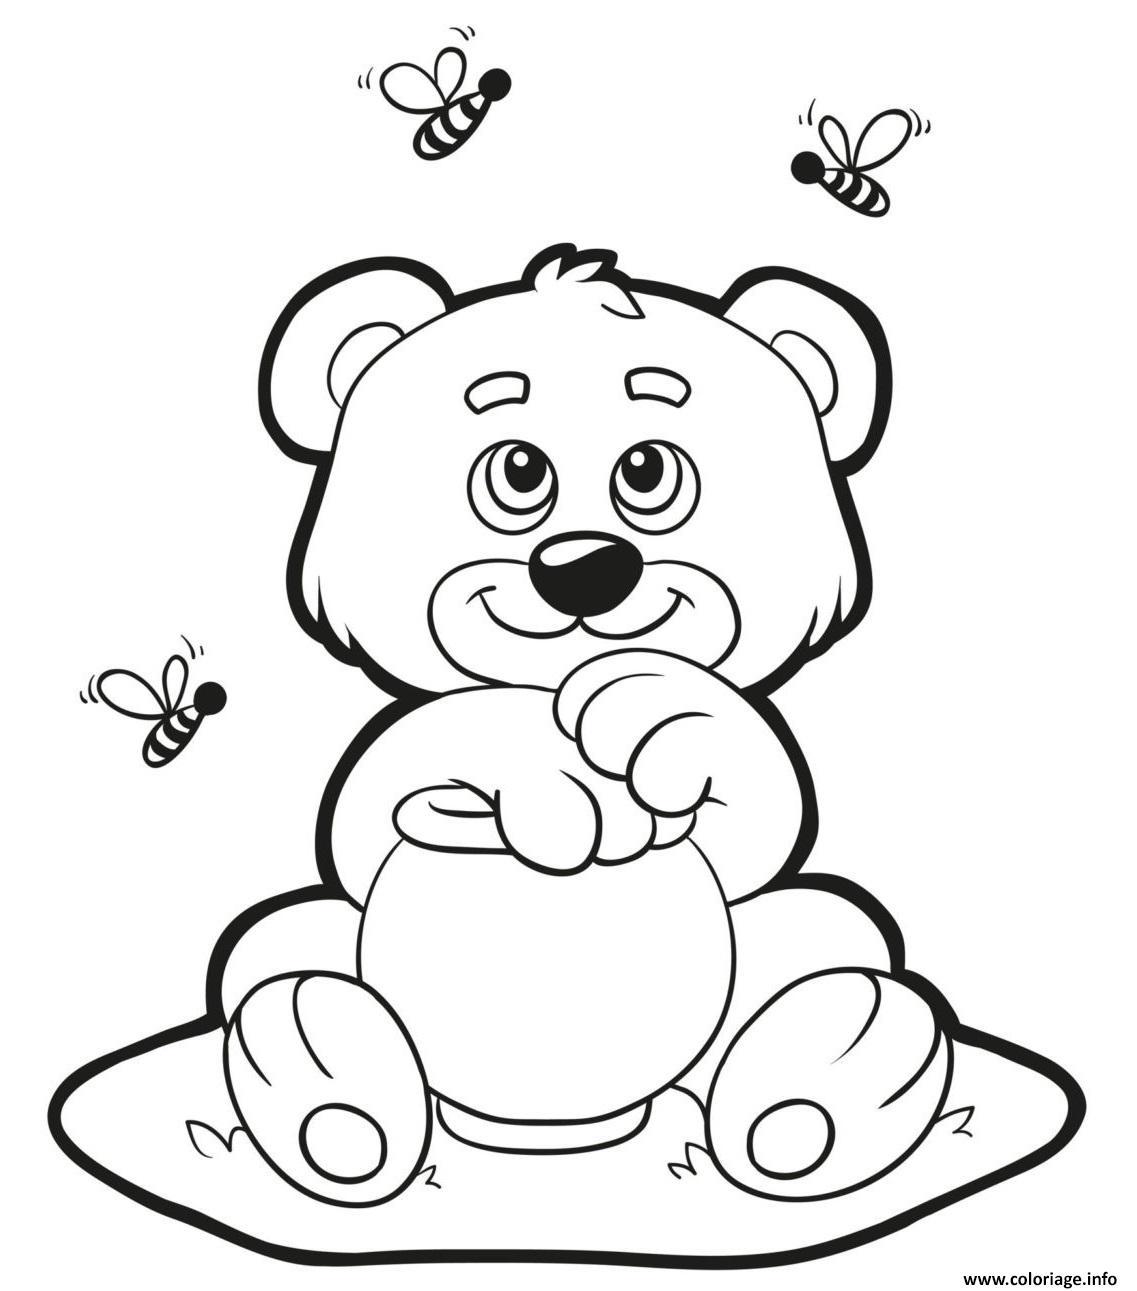 Coloriage Ourson Bear Aime Le Miel Dessin à Ourson A Colorier Et Imprimer